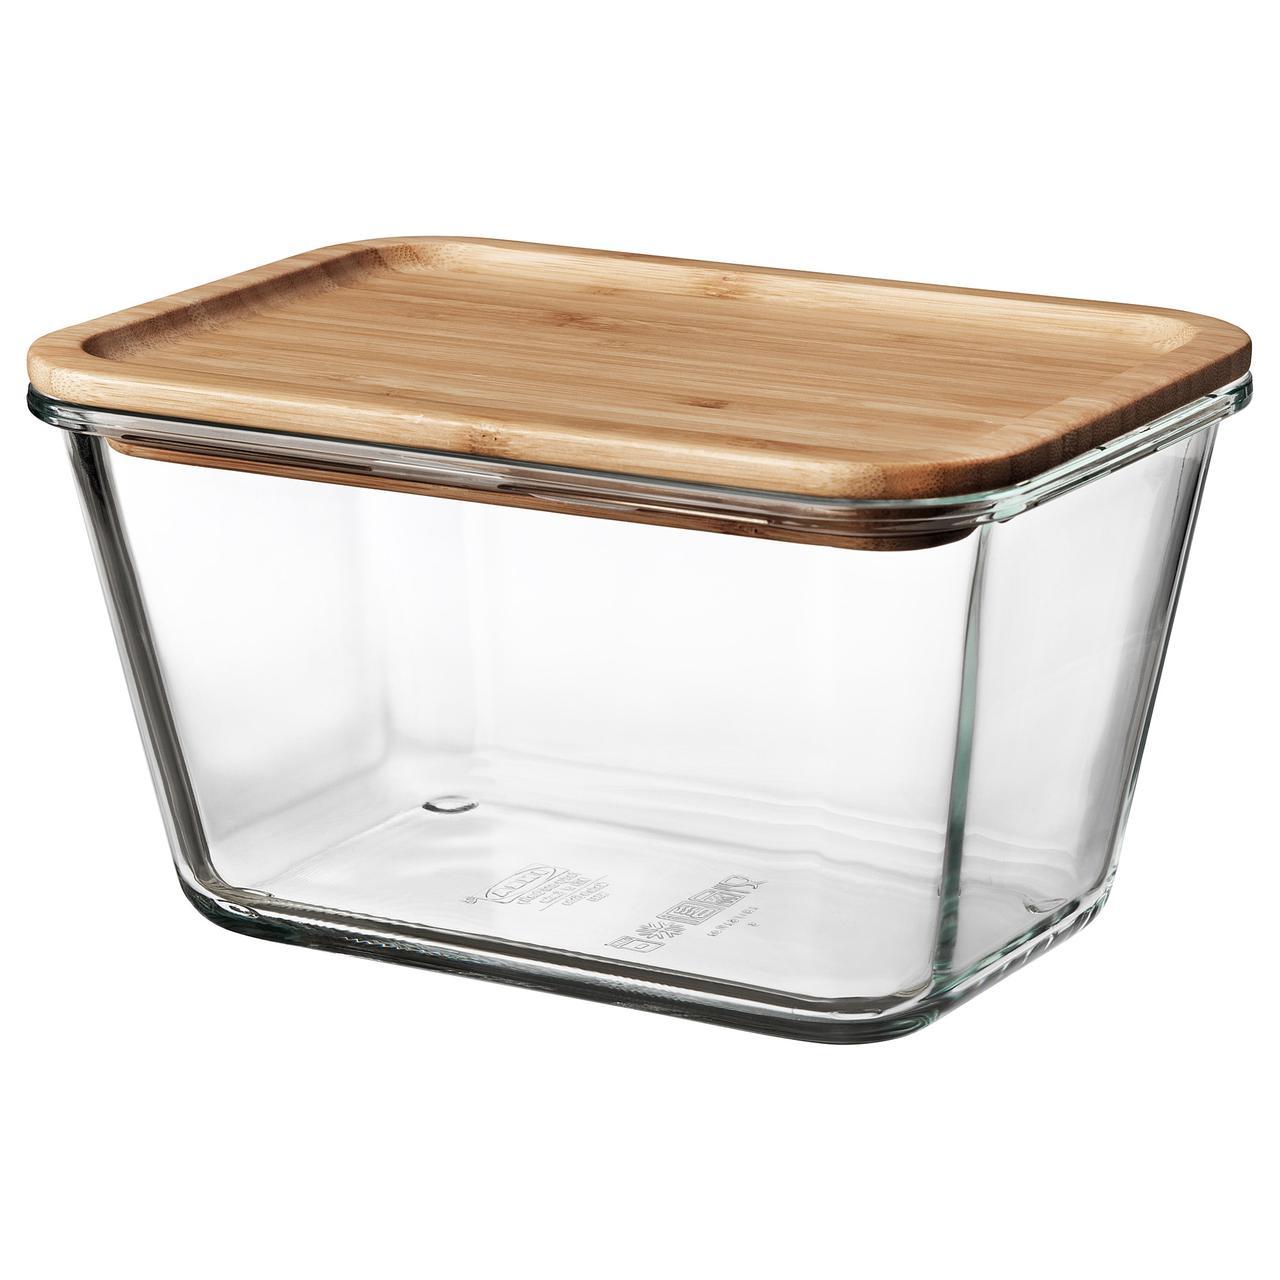 ИКЕА/365+ Контейнер для продуктов с крышкой, прямоугольн формы стекло, стекло бамбук